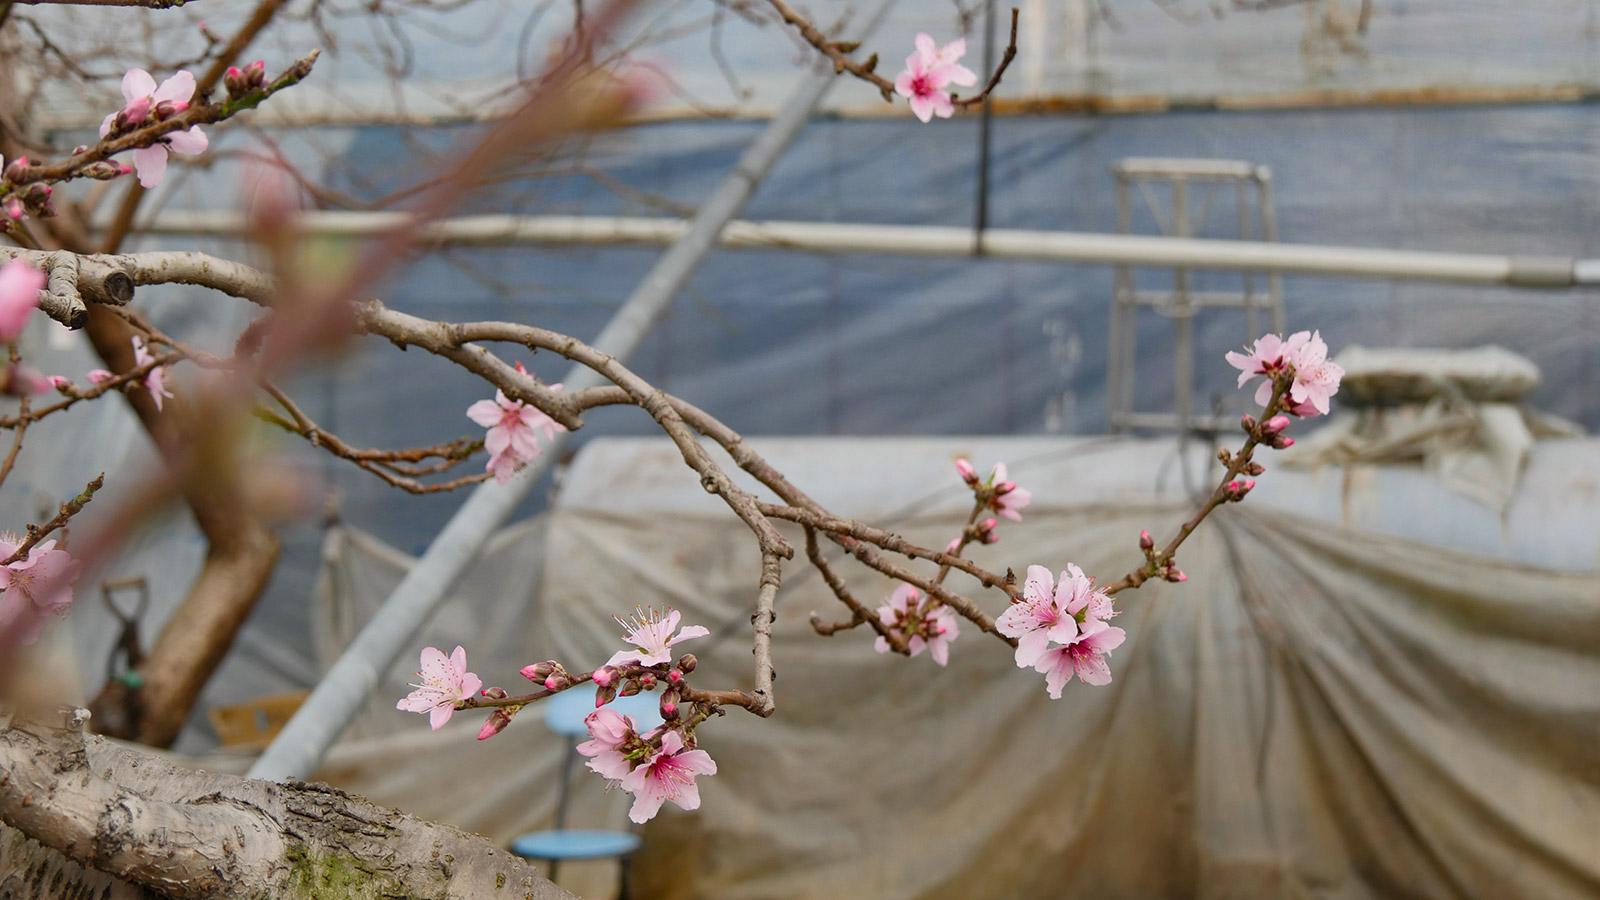 桃の花びらも品種によって、実は微妙に違いがあります。